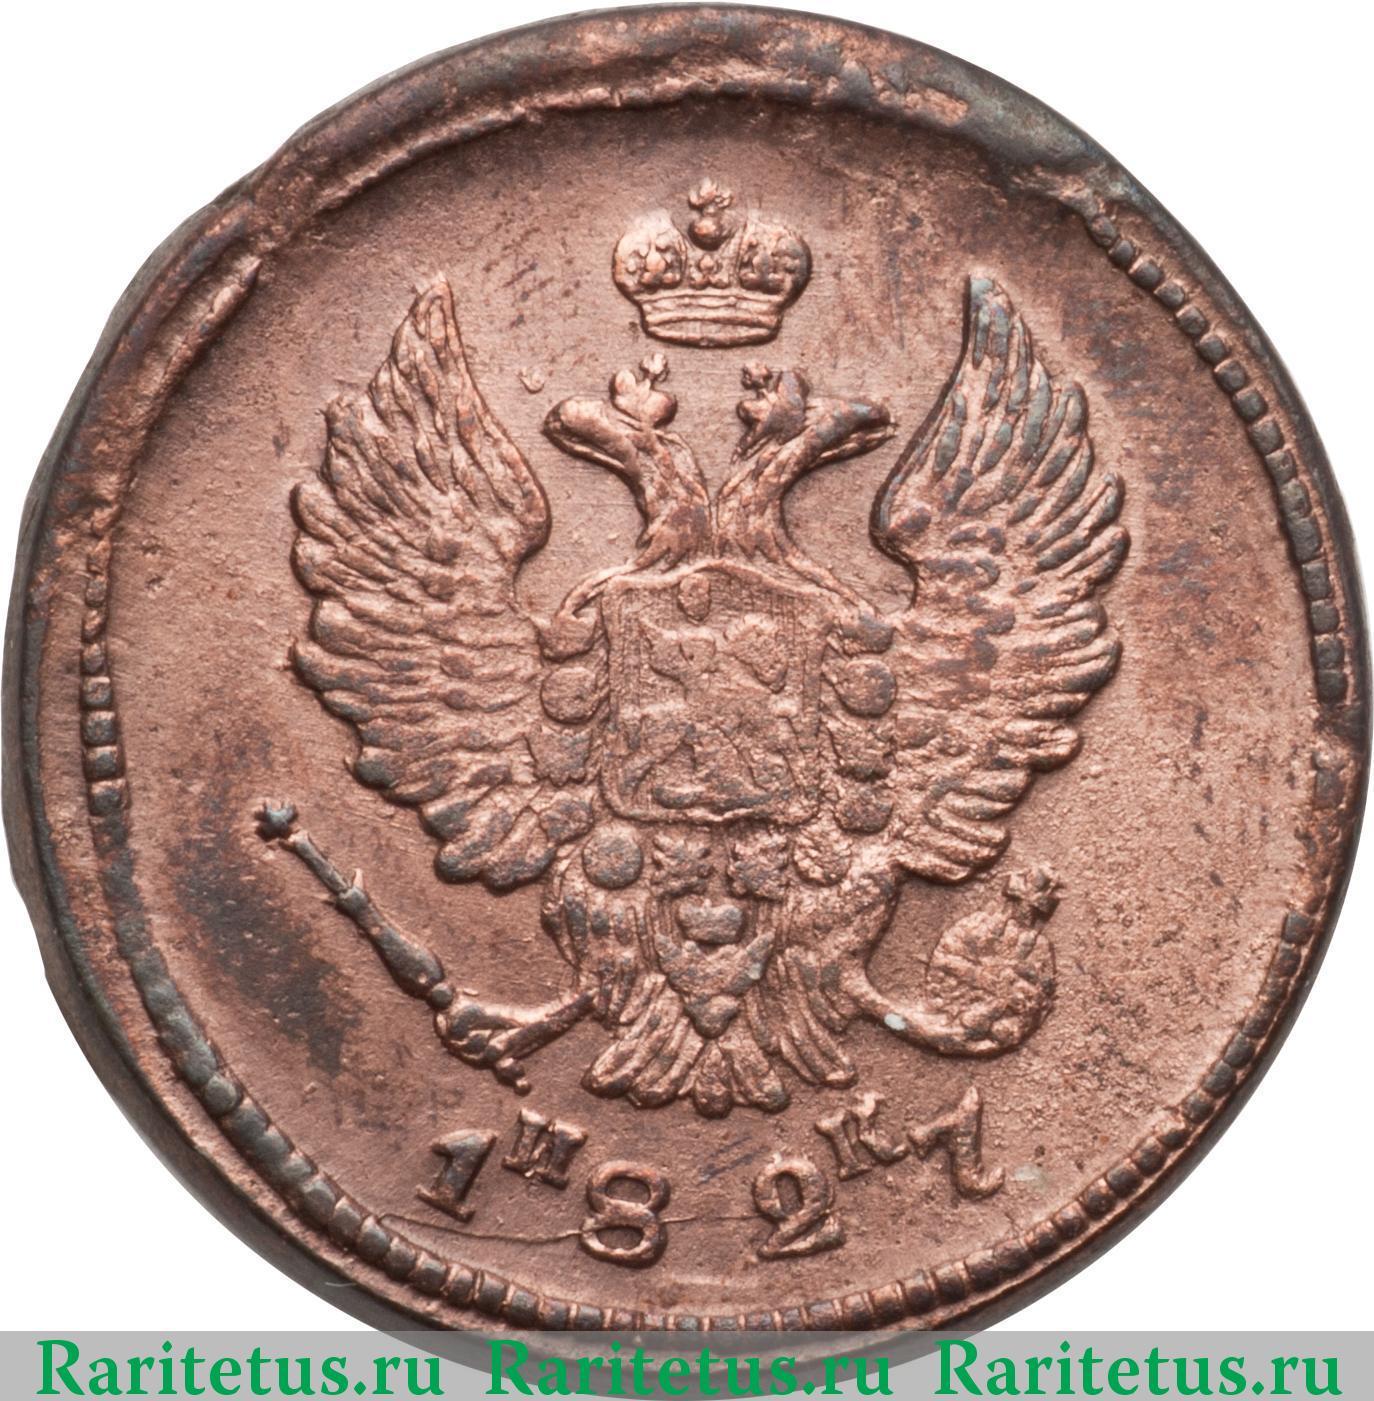 Что означает на монете е м купить монету дракон